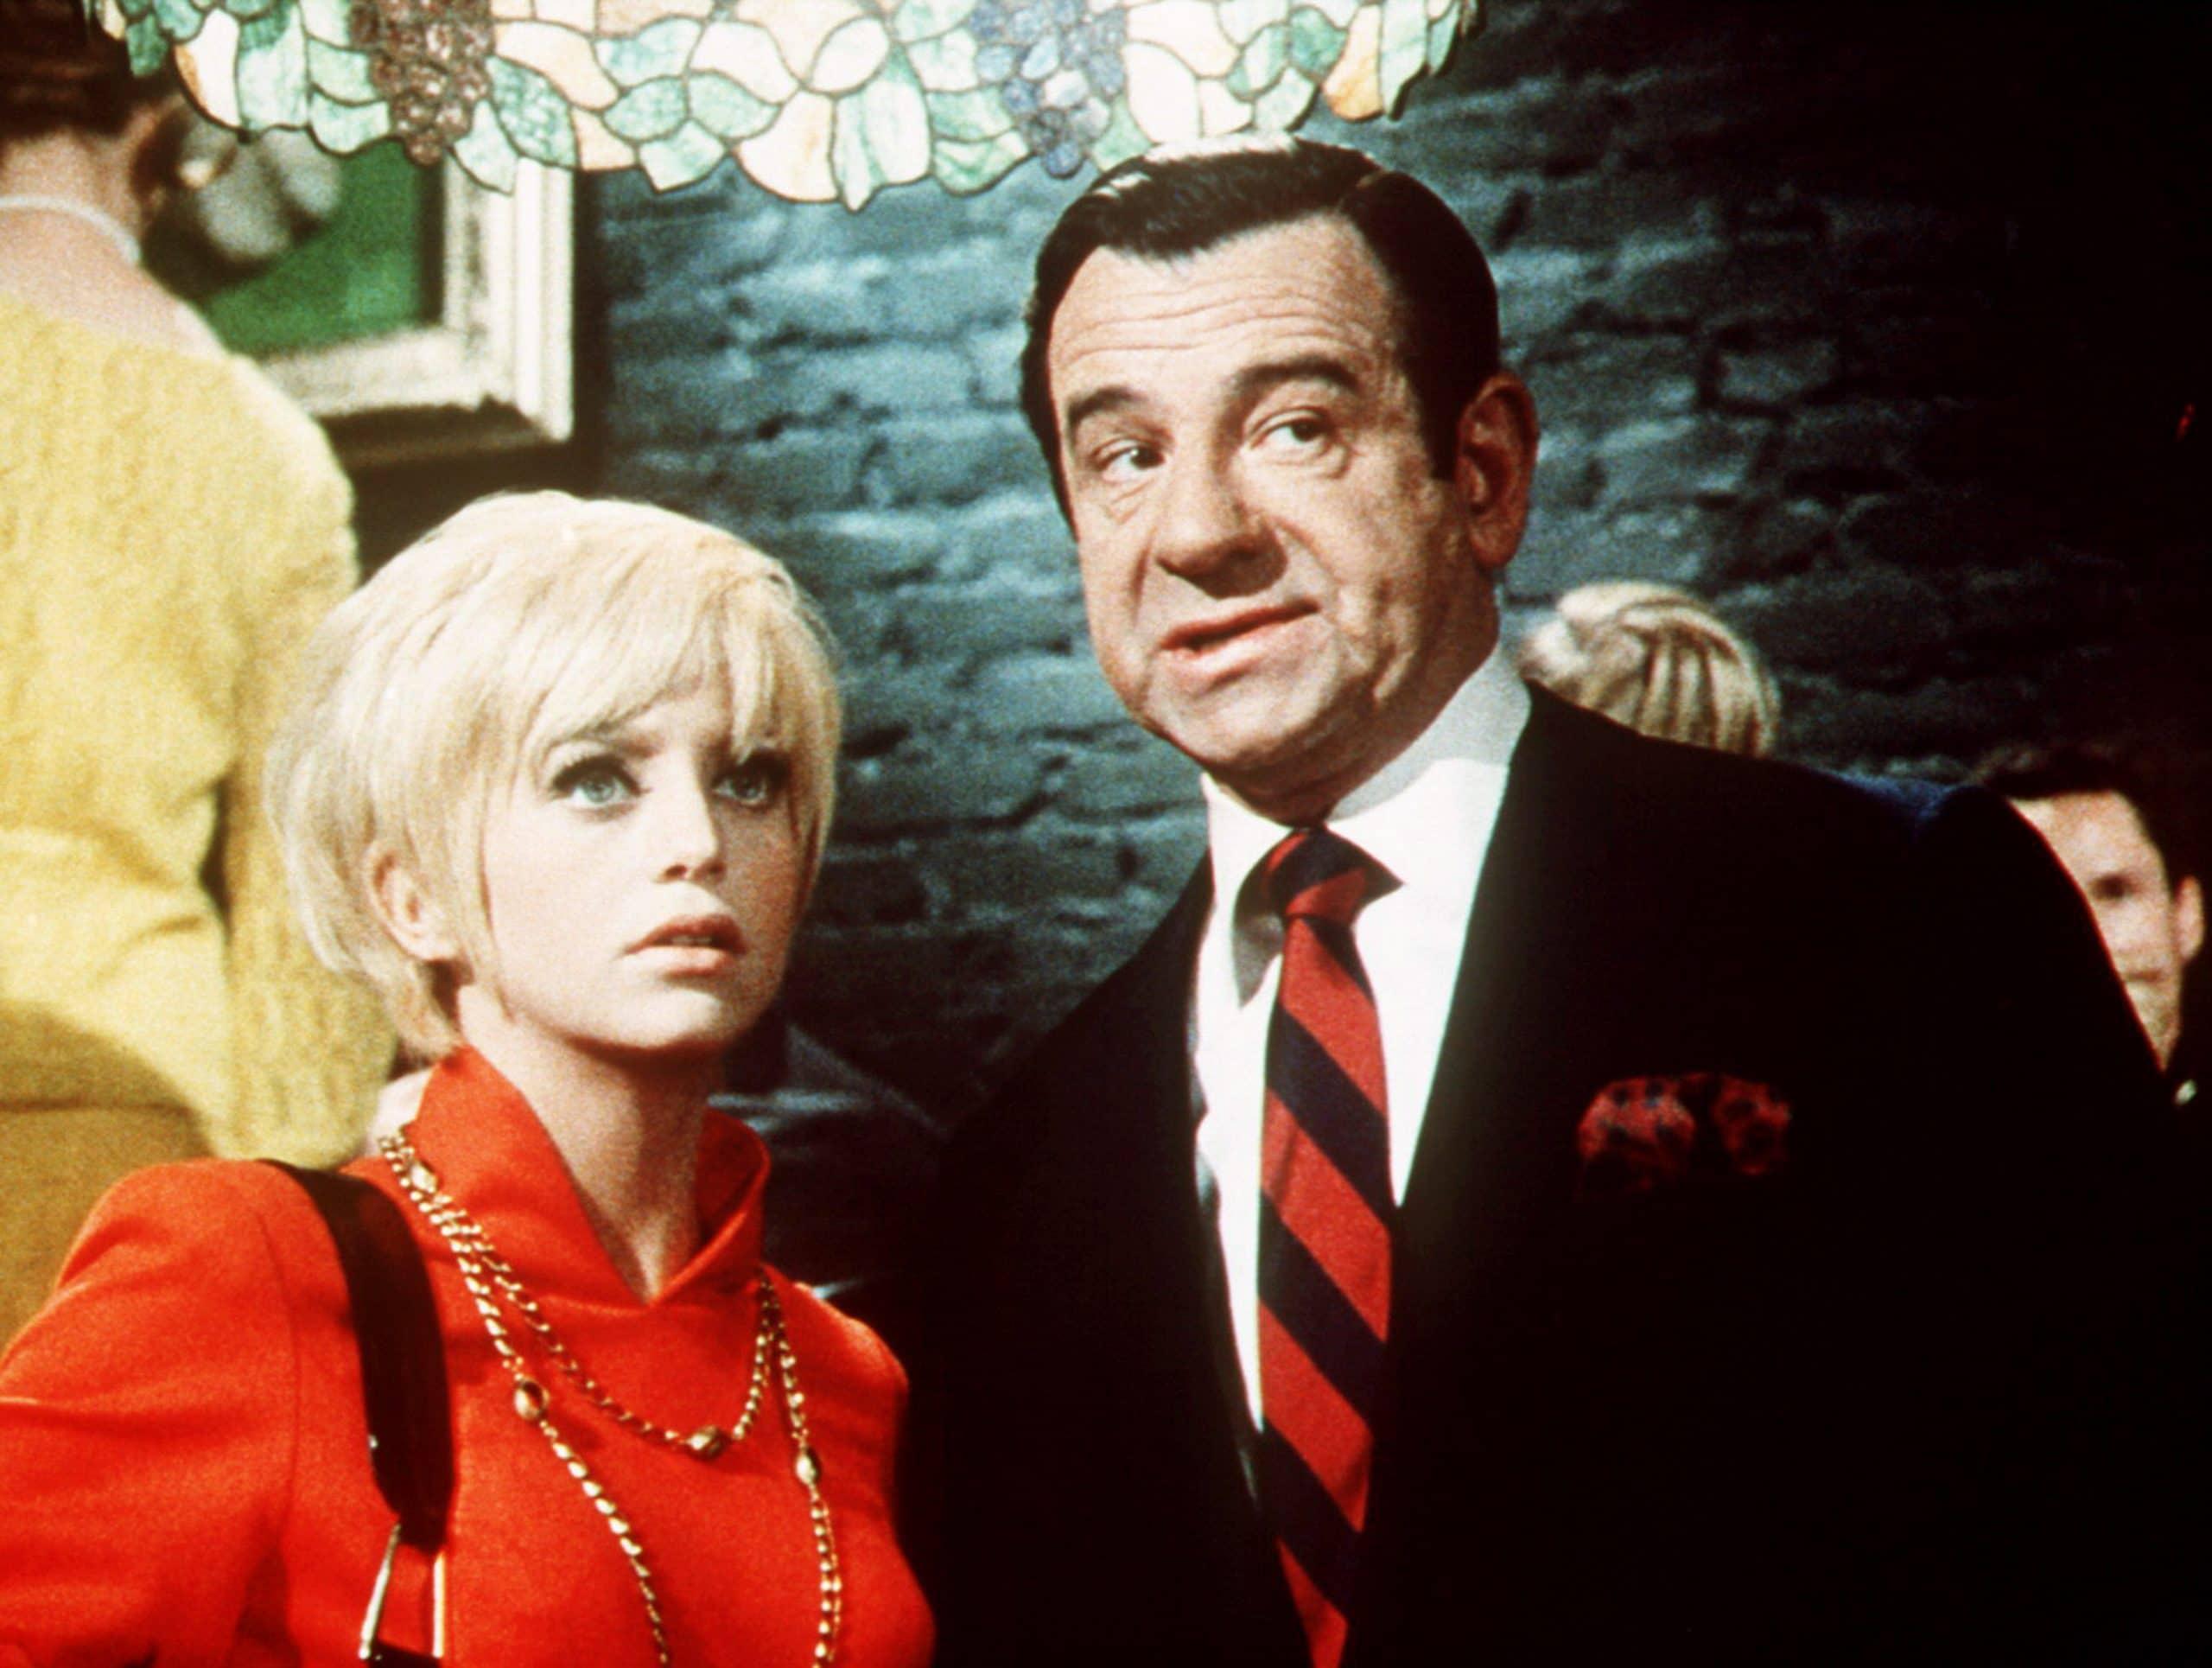 CACTUS FLOWER, Goldie Hawn, Walter Matthau, 1969